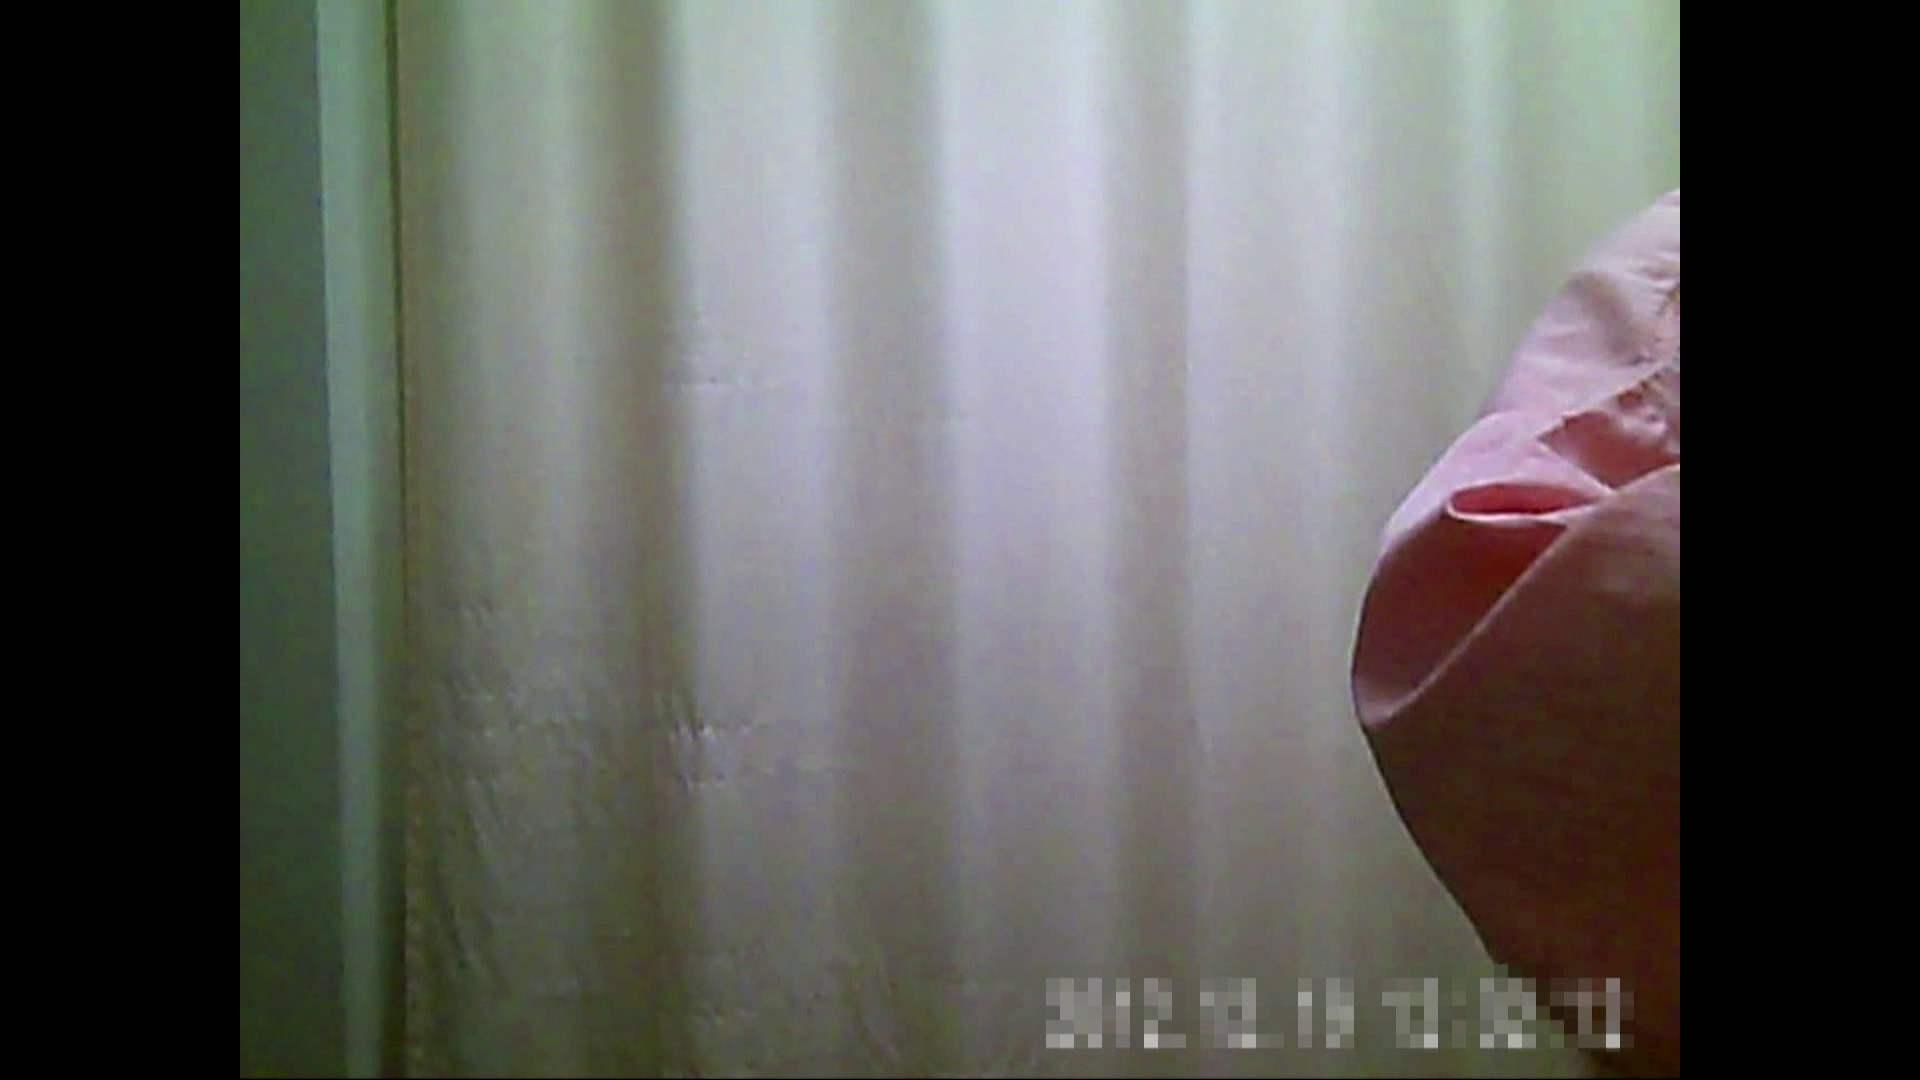 病院おもいっきり着替え! vol.181 着替え 隠し撮りすけべAV動画紹介 102pic 68